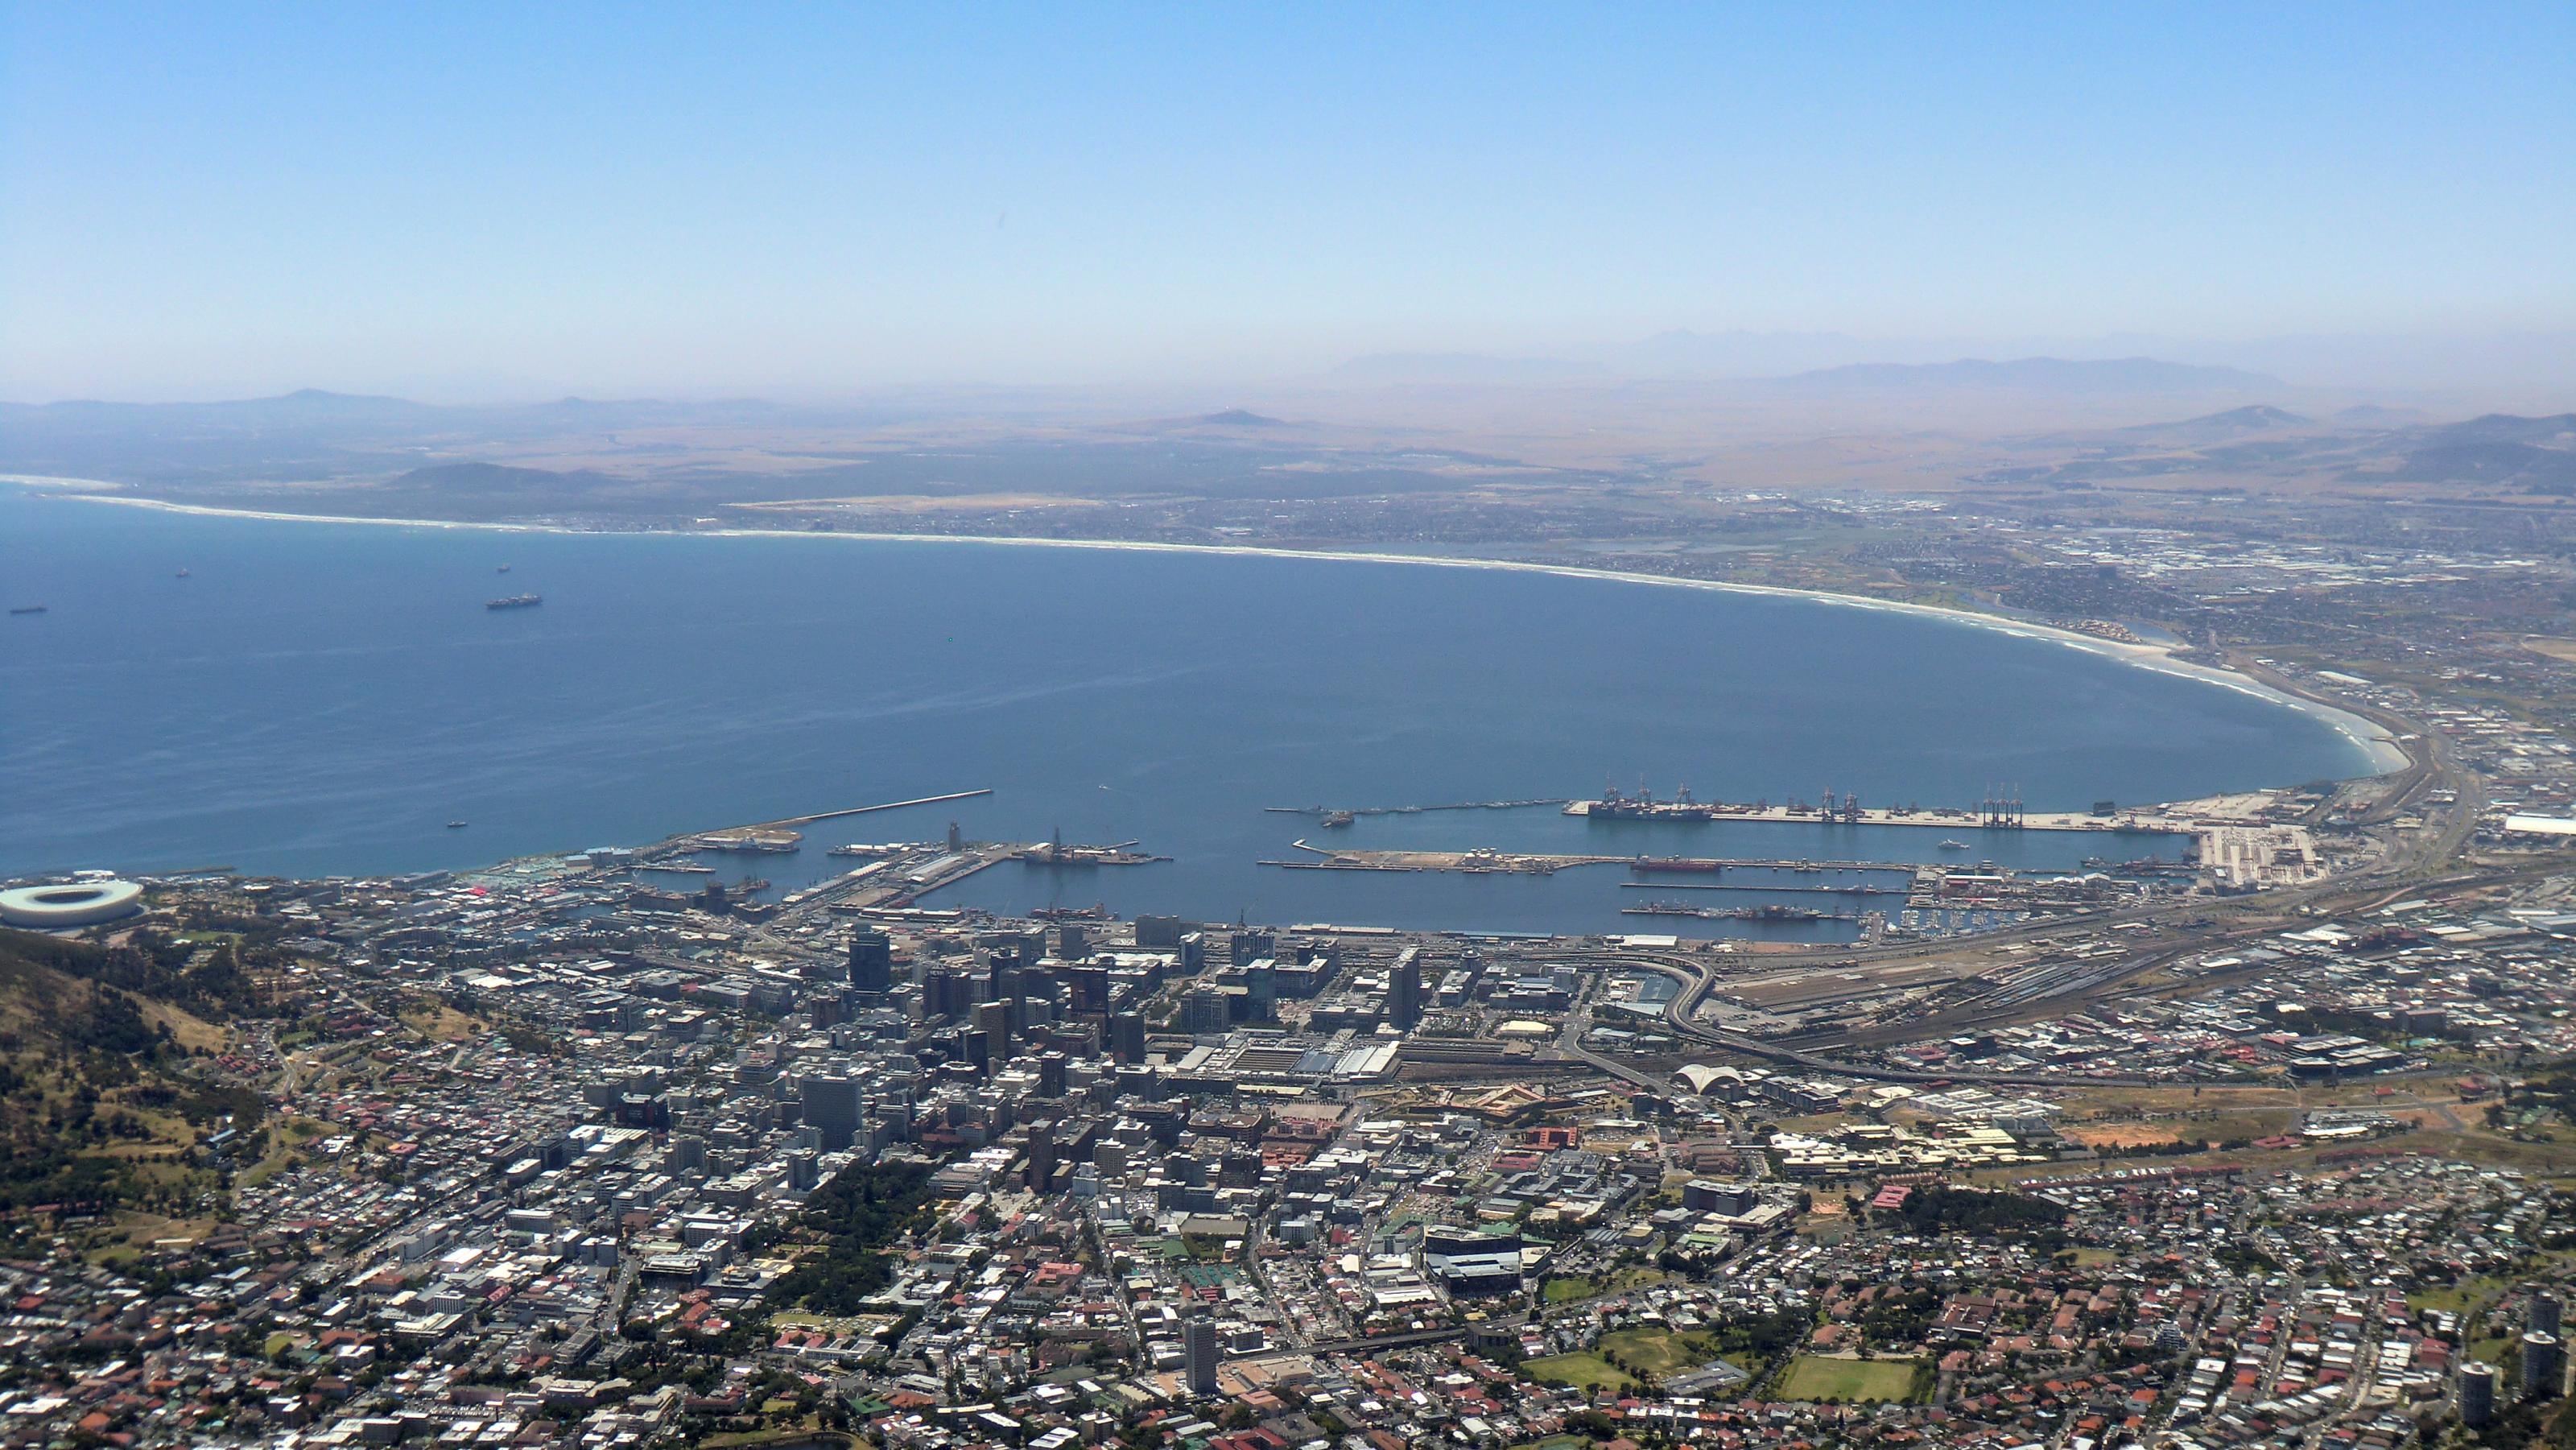 namibia_s-dafrika2015_633.jpg